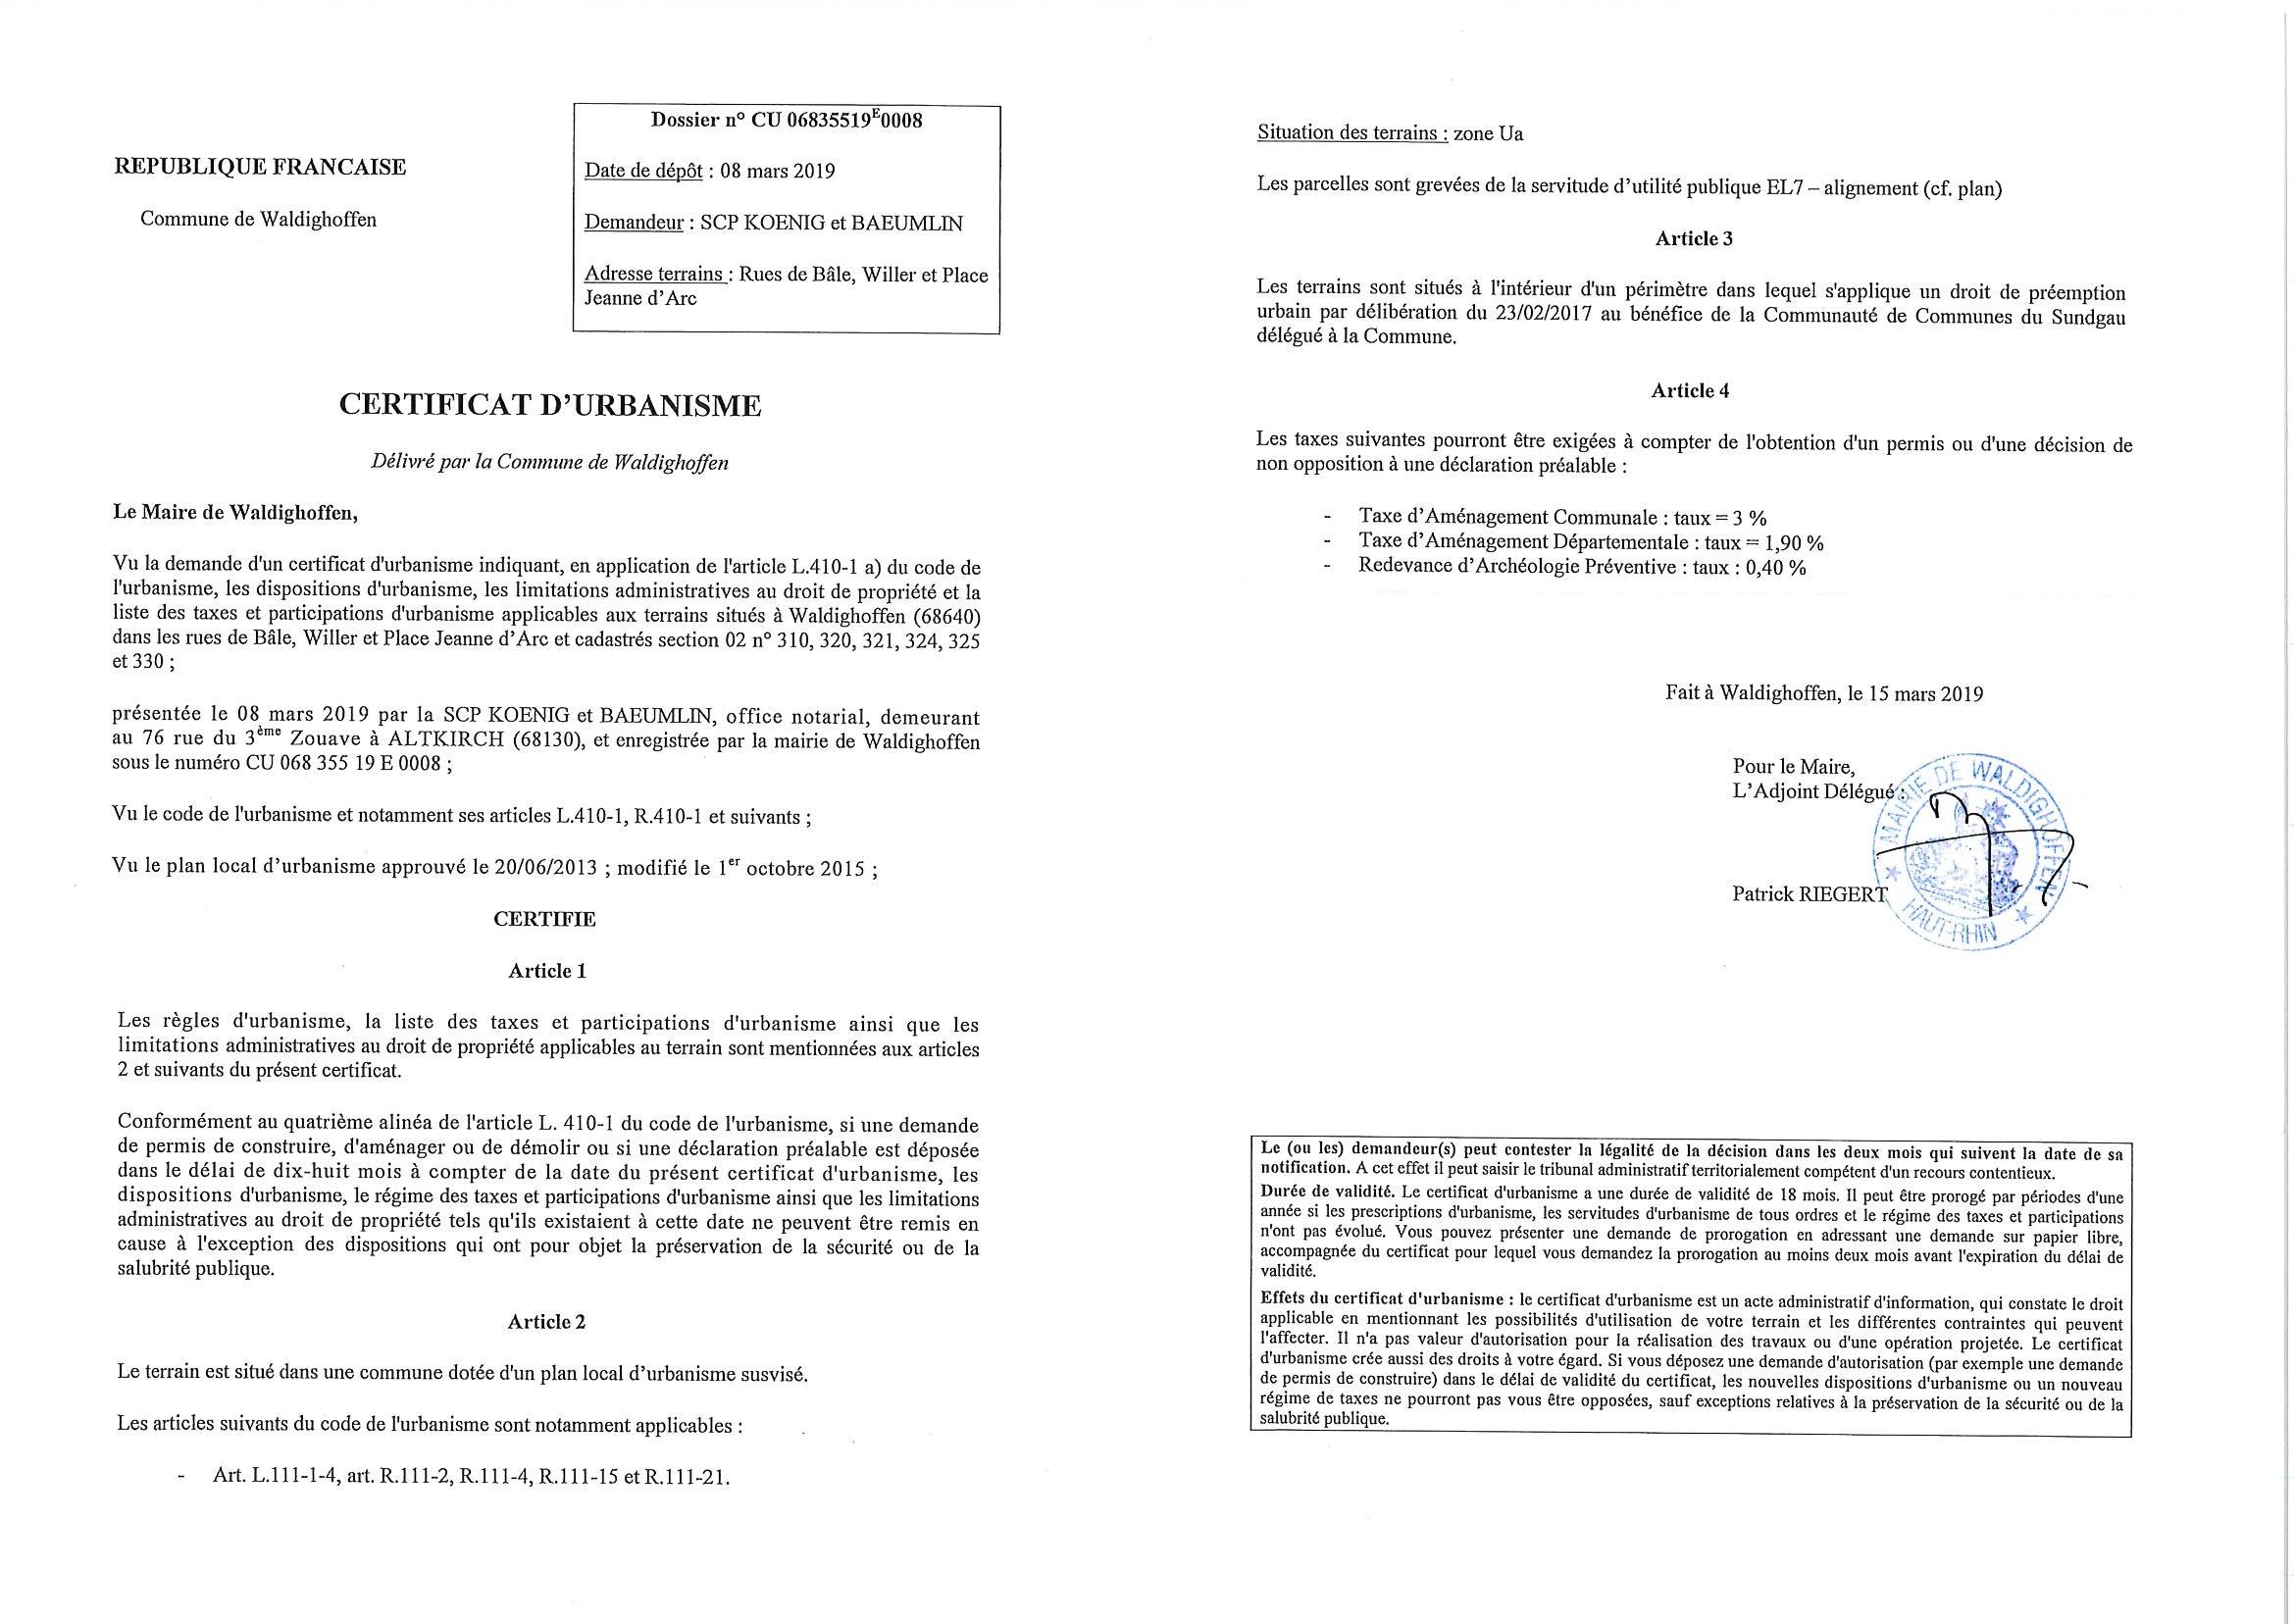 Certificat d'urbanisme établi pour la Scp Koenig et Baeumlin, office notarial